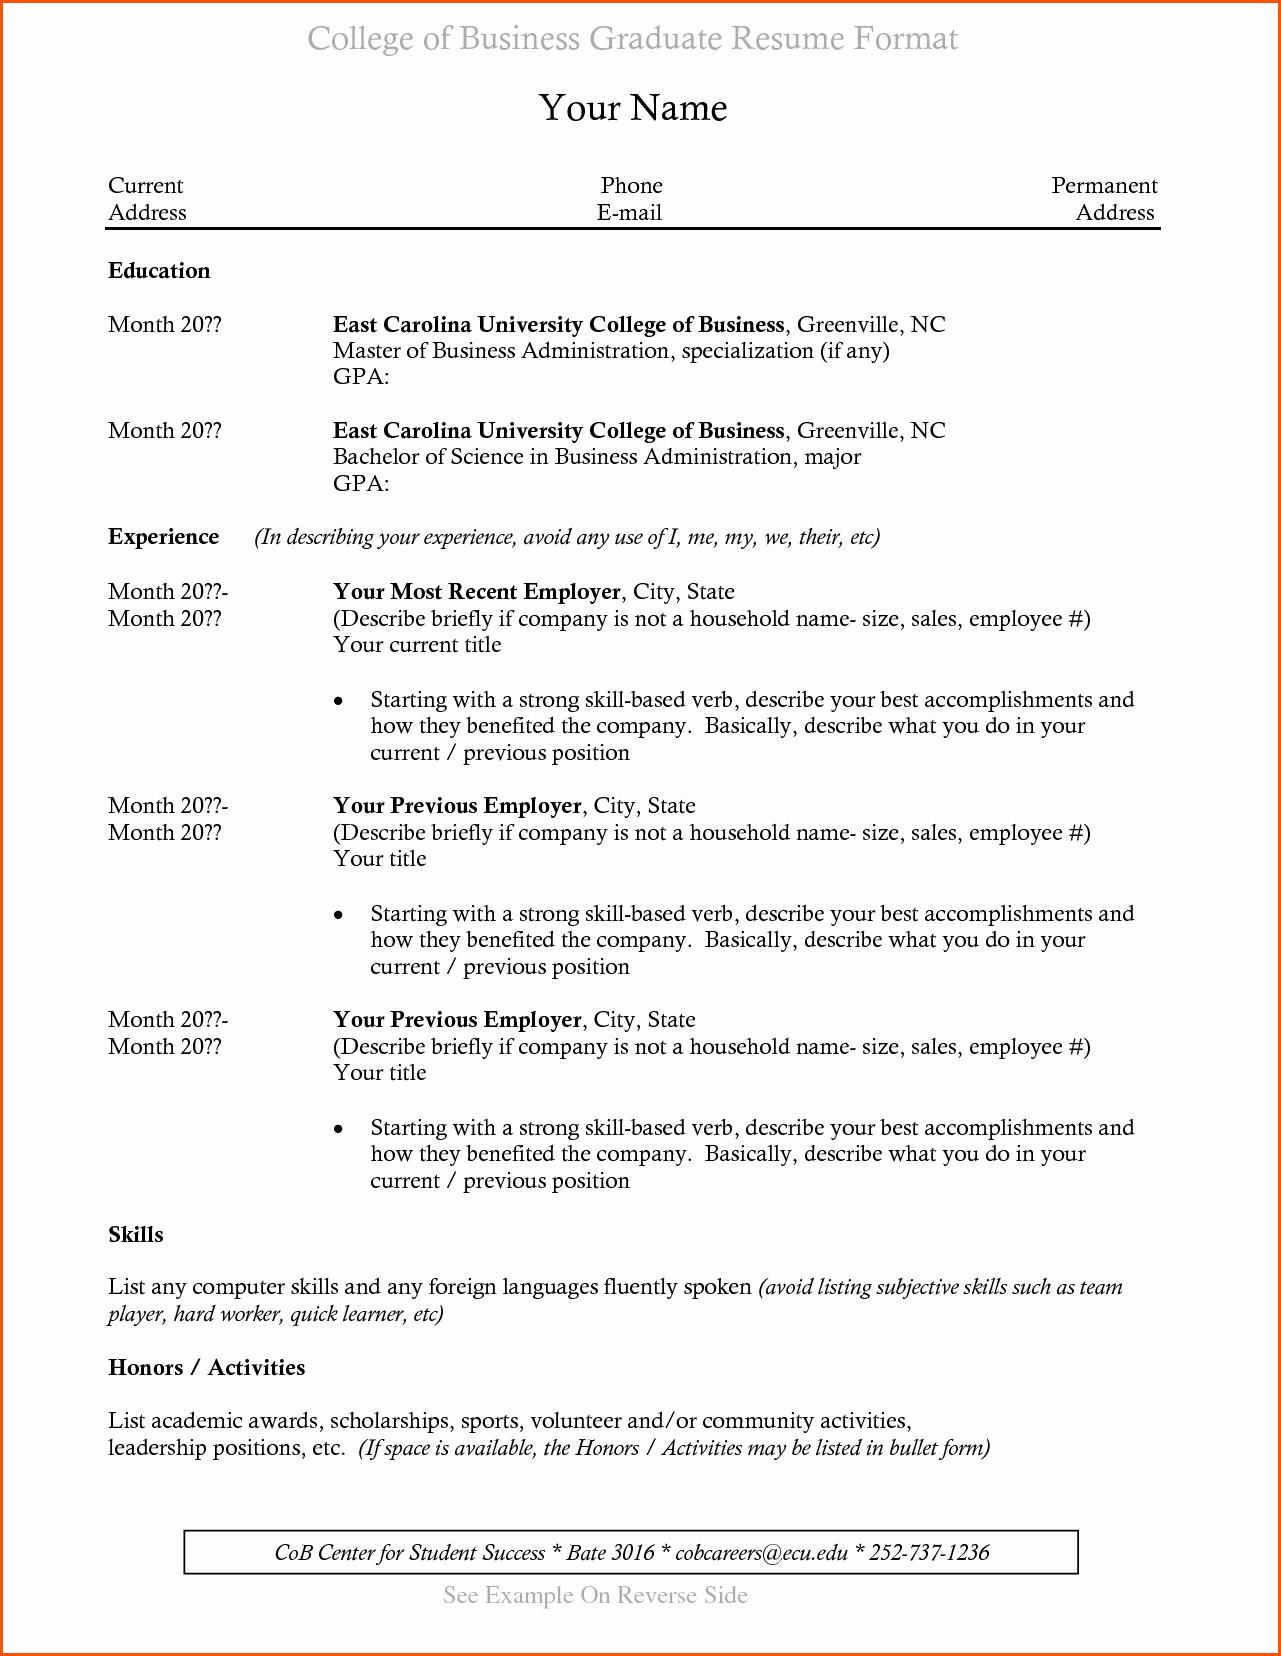 Resume for Recent College Grad Luxury College Graduate Resume Samples Ideasplataforma